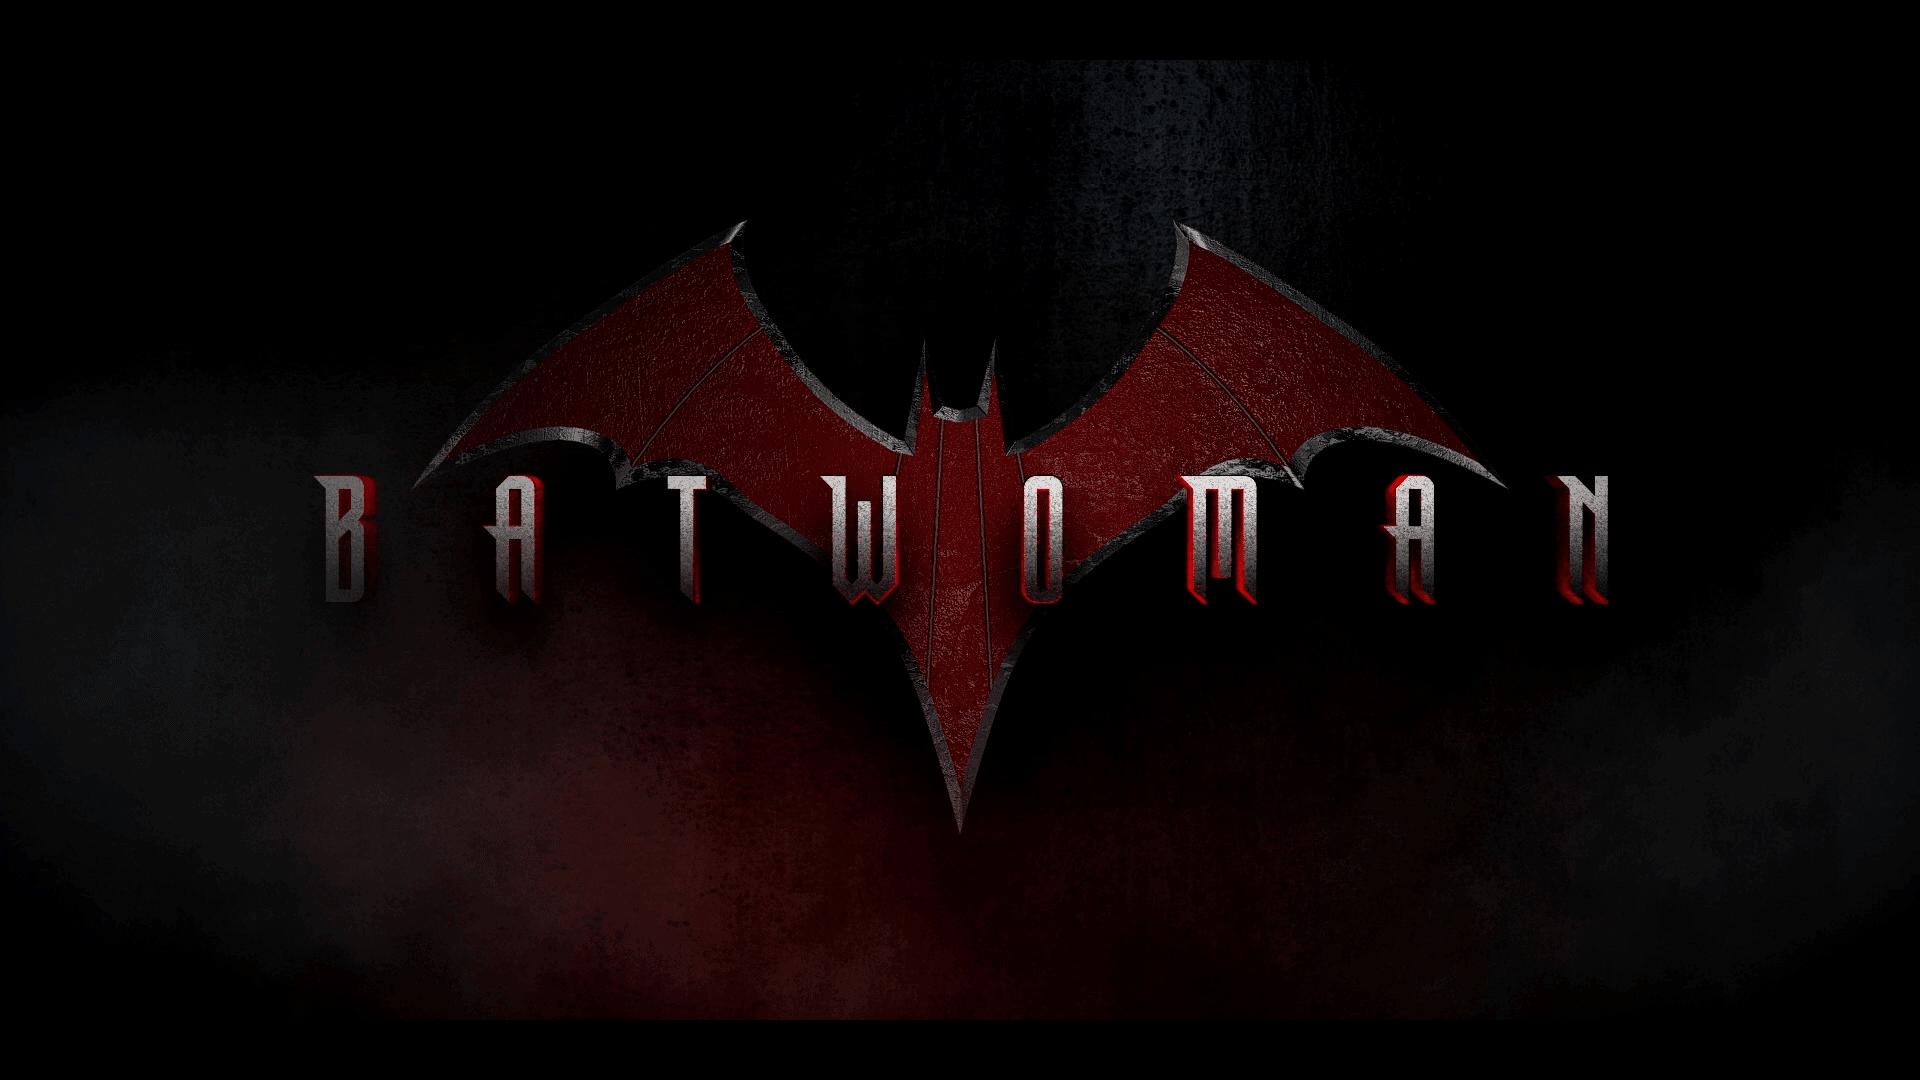 batwoman season 1 title